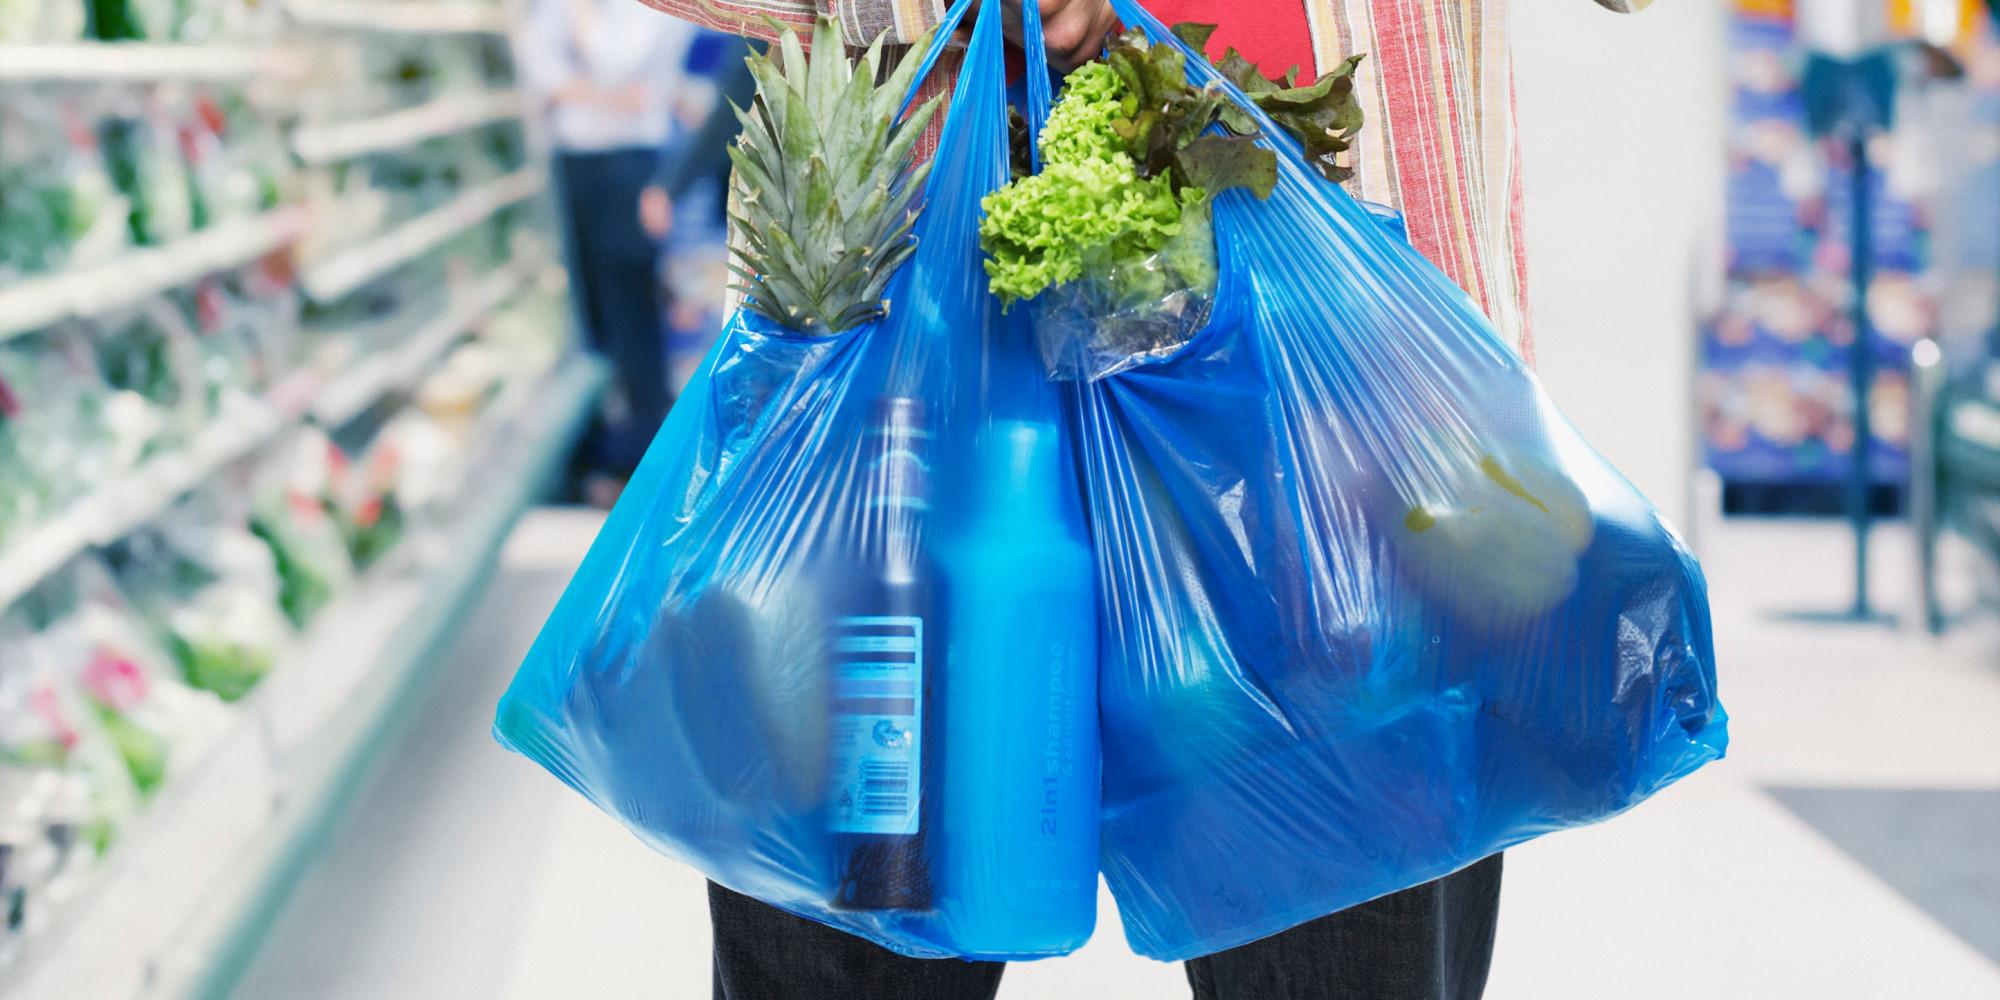 Σε δύο δόσεις η καταβολή του τέλους για τη πλαστική σακούλα